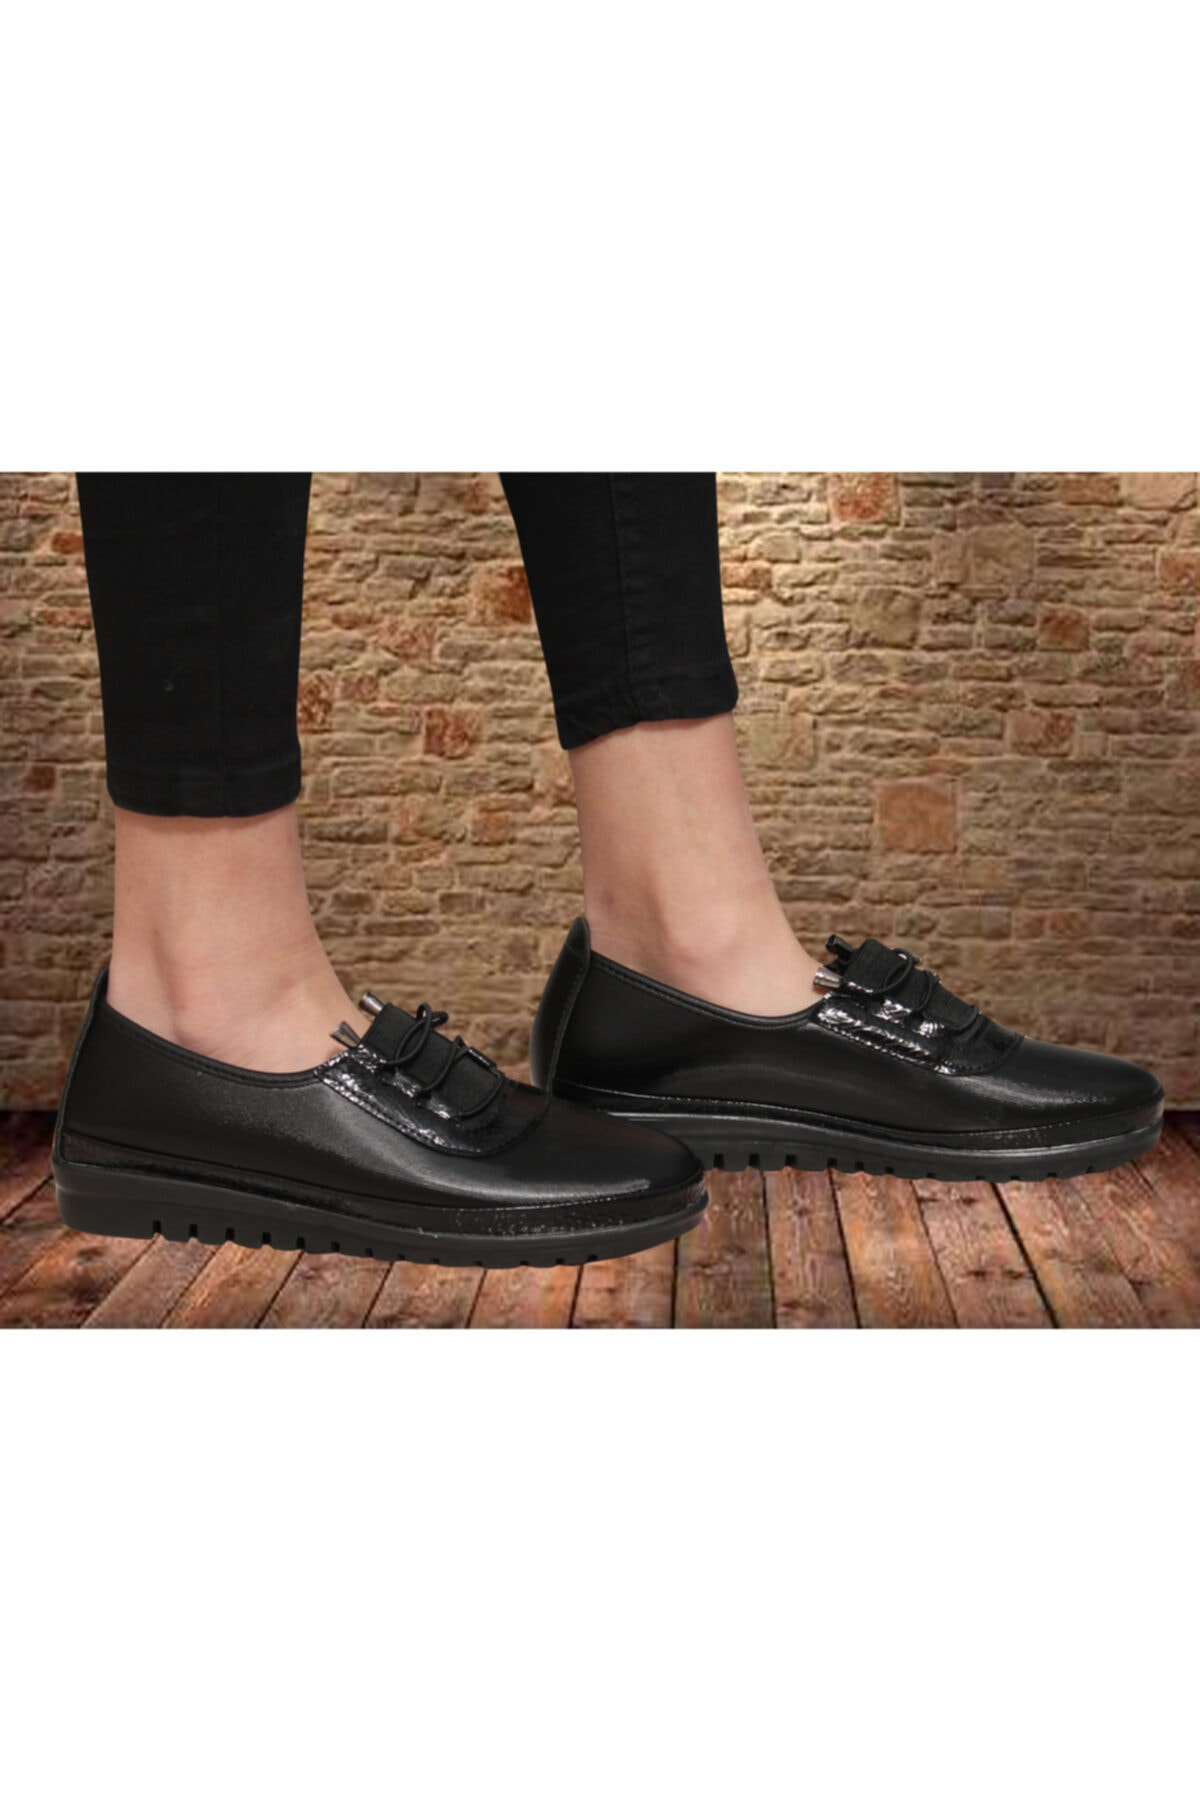 Witty Kadın Günlük Siyah Ortopedik Babet Ayakkabı 2